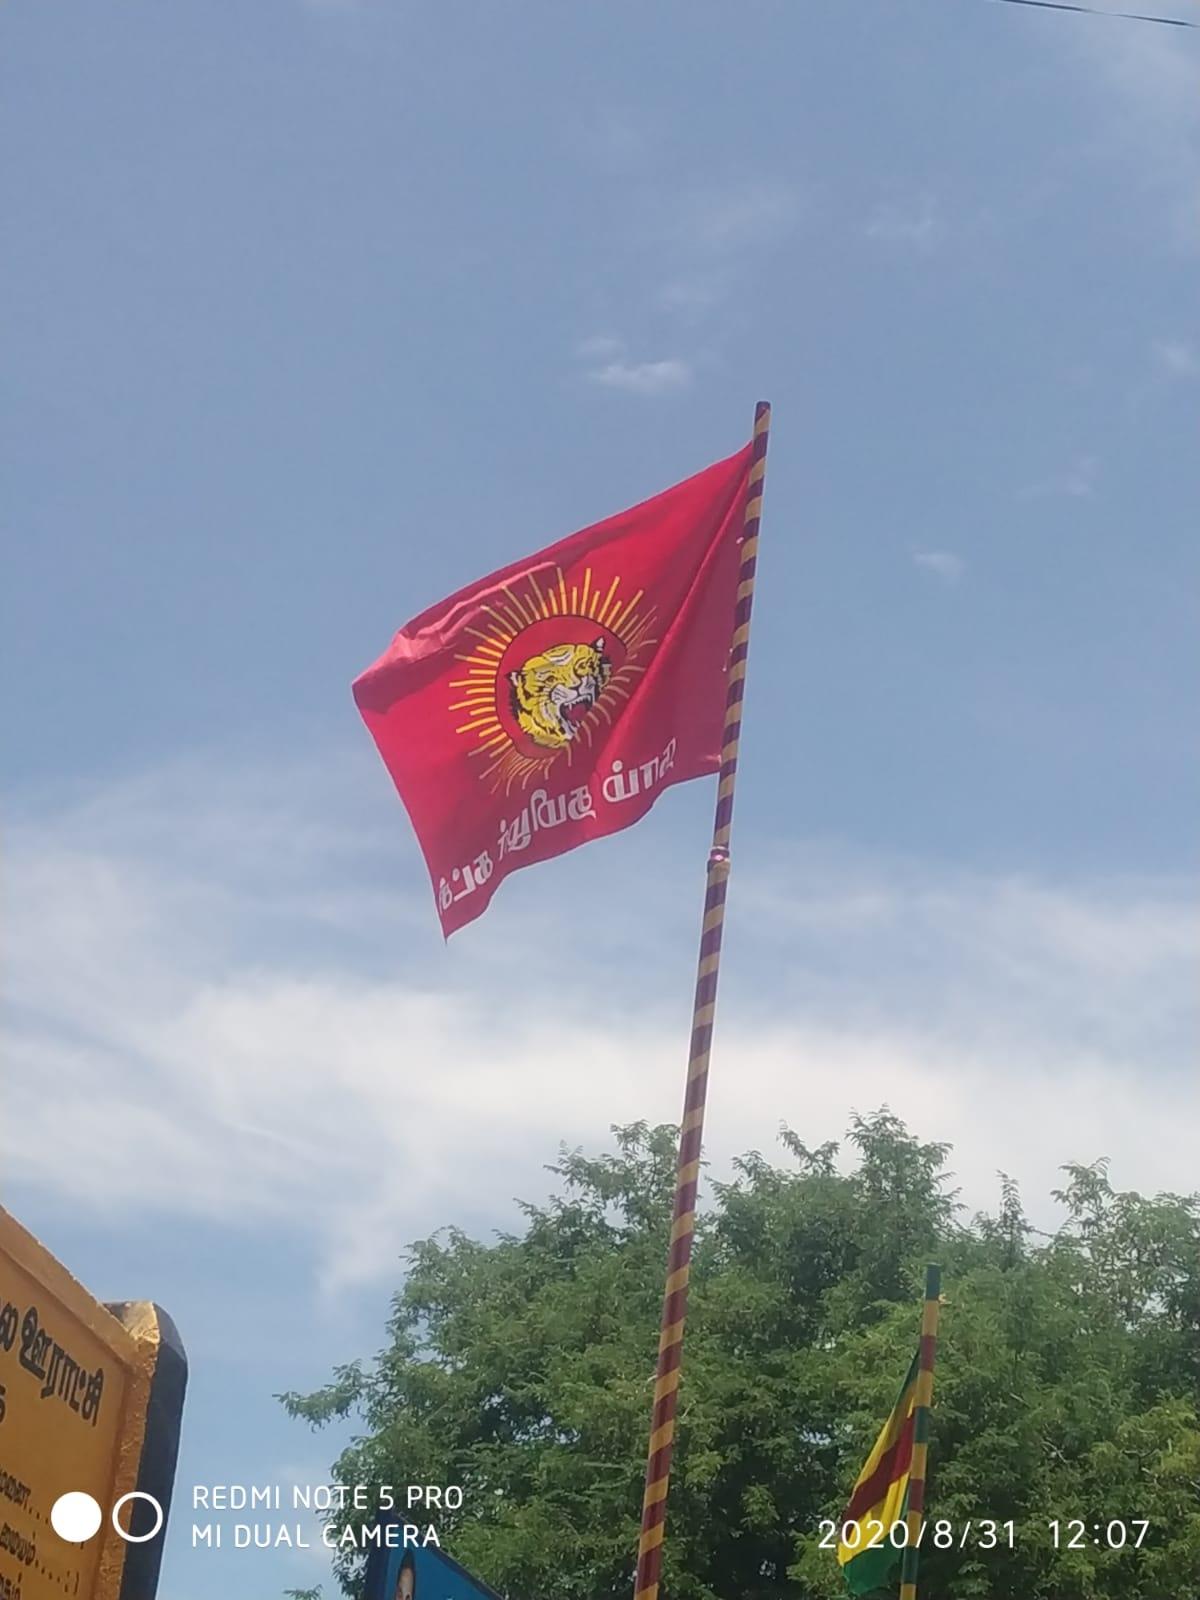 செங்கொடி நினைவு வணக்க நிகழ்வு  - தருமபுரி